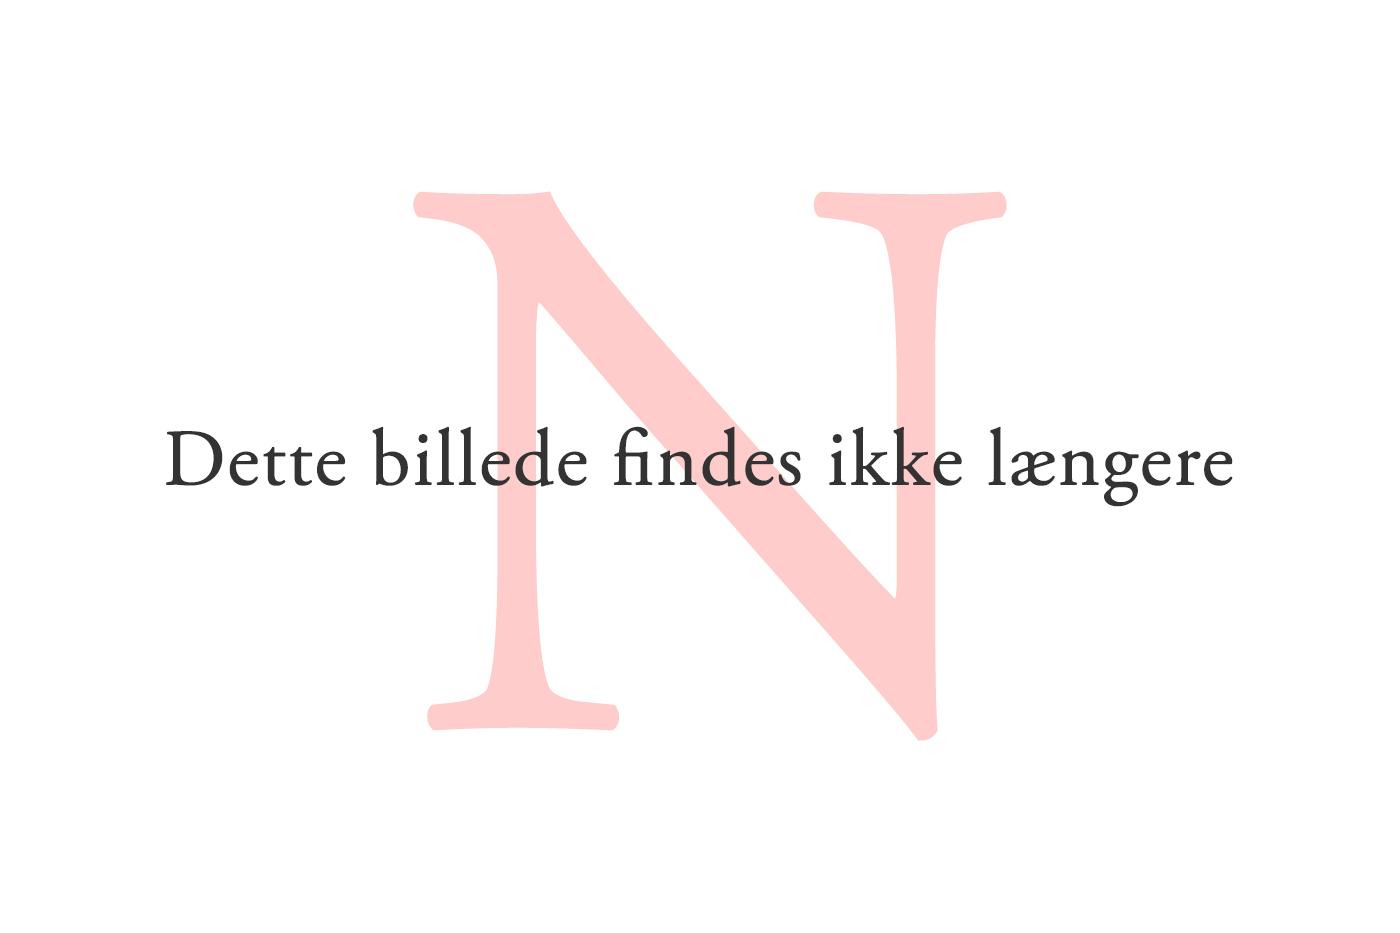 denmark_copenhagen_lyngby_1235858_h (1)